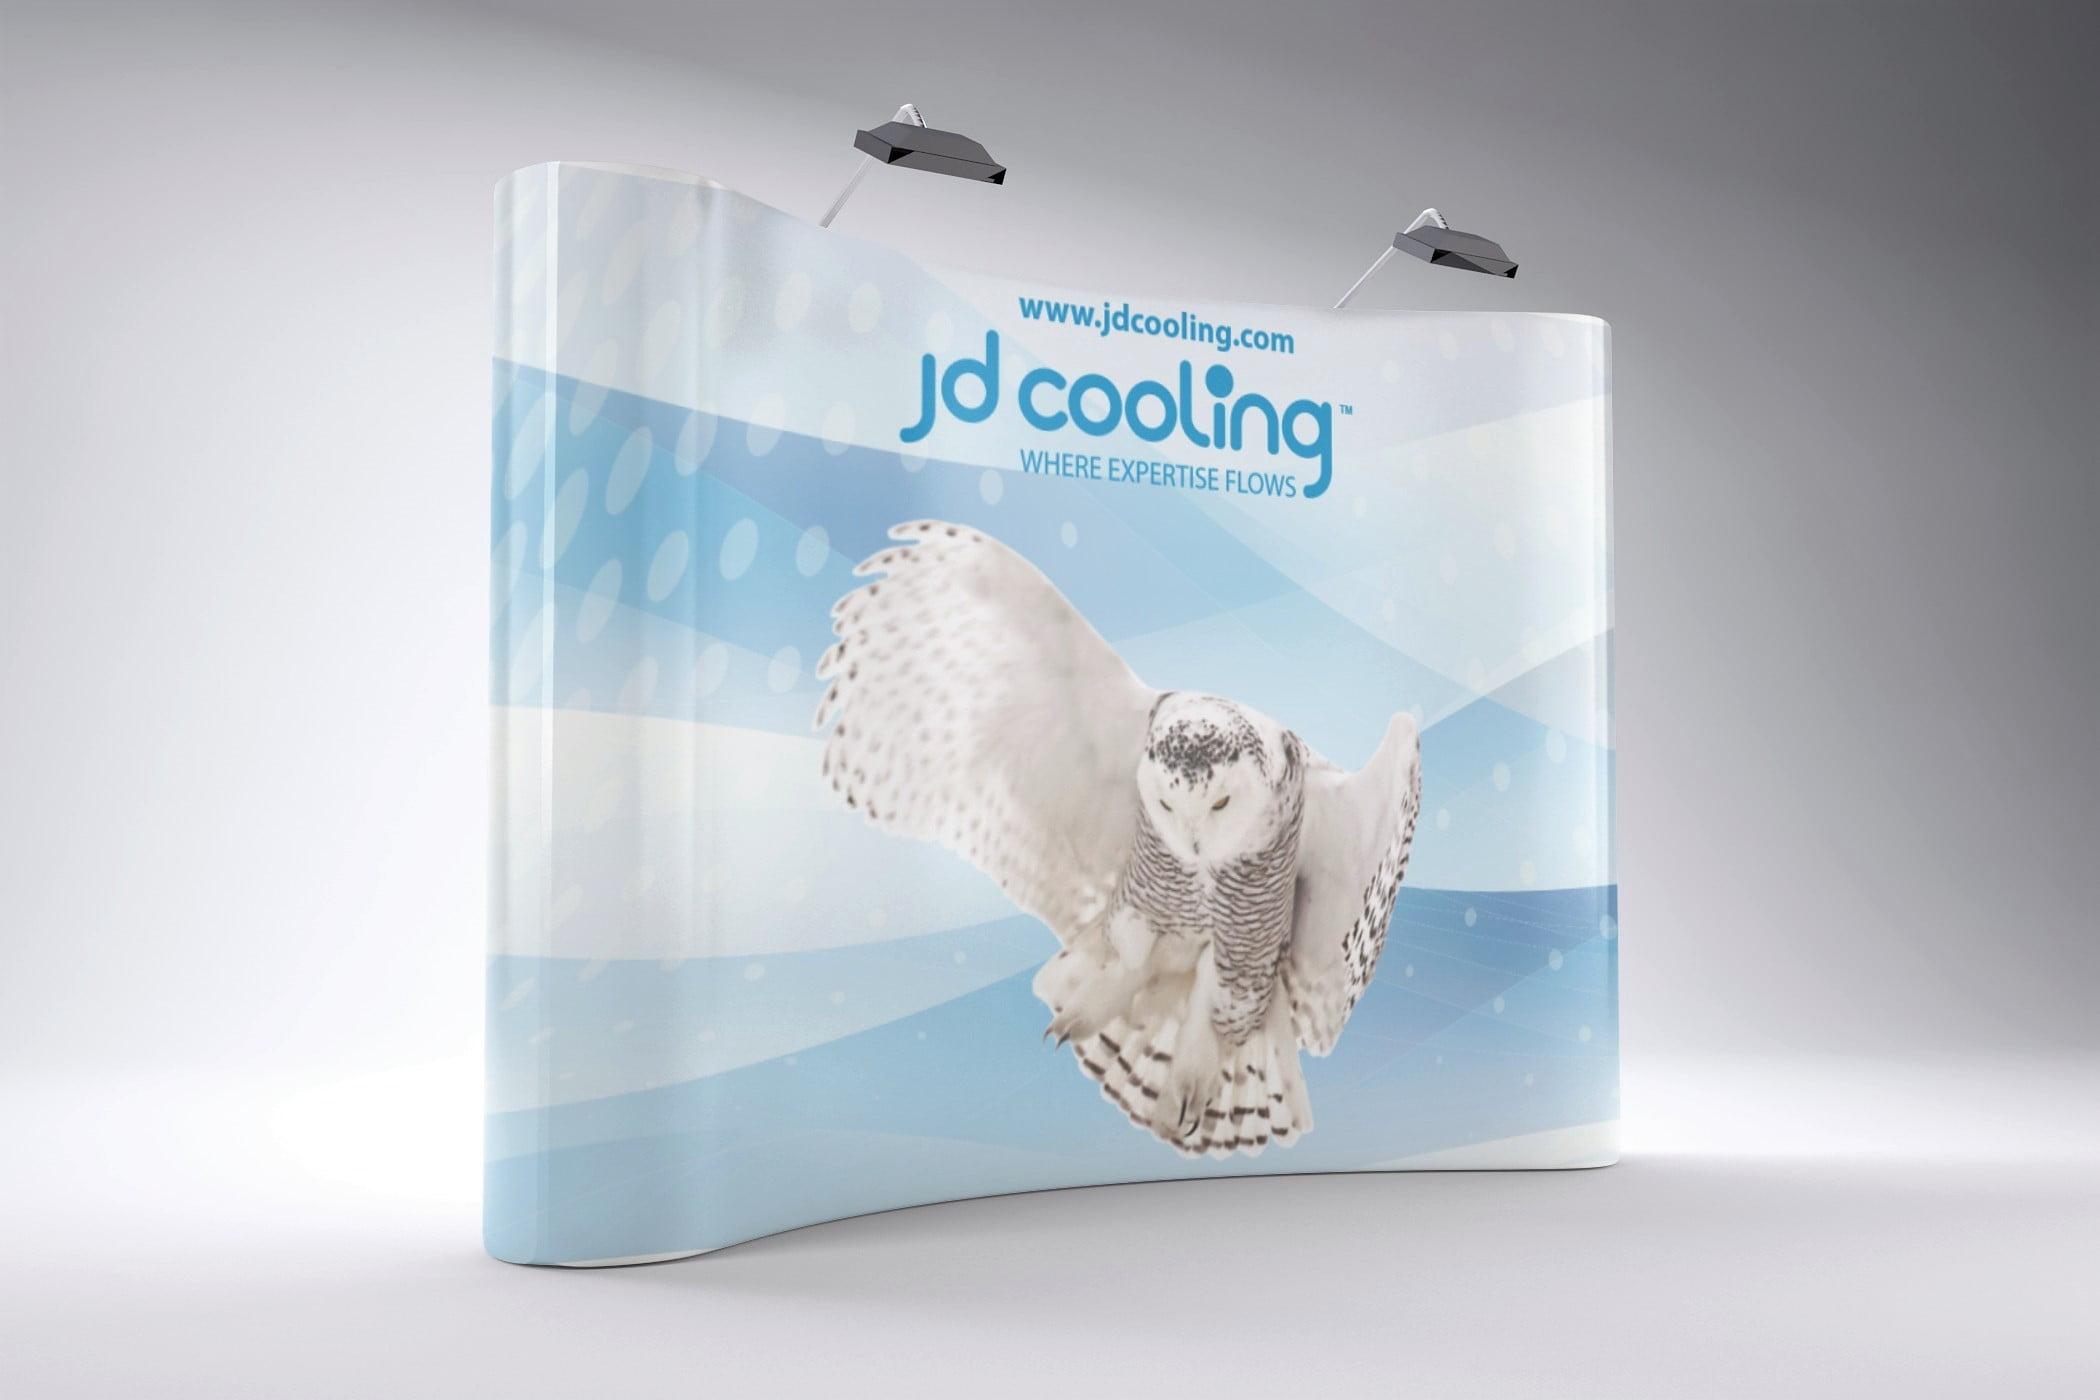 JD Cooling Signage